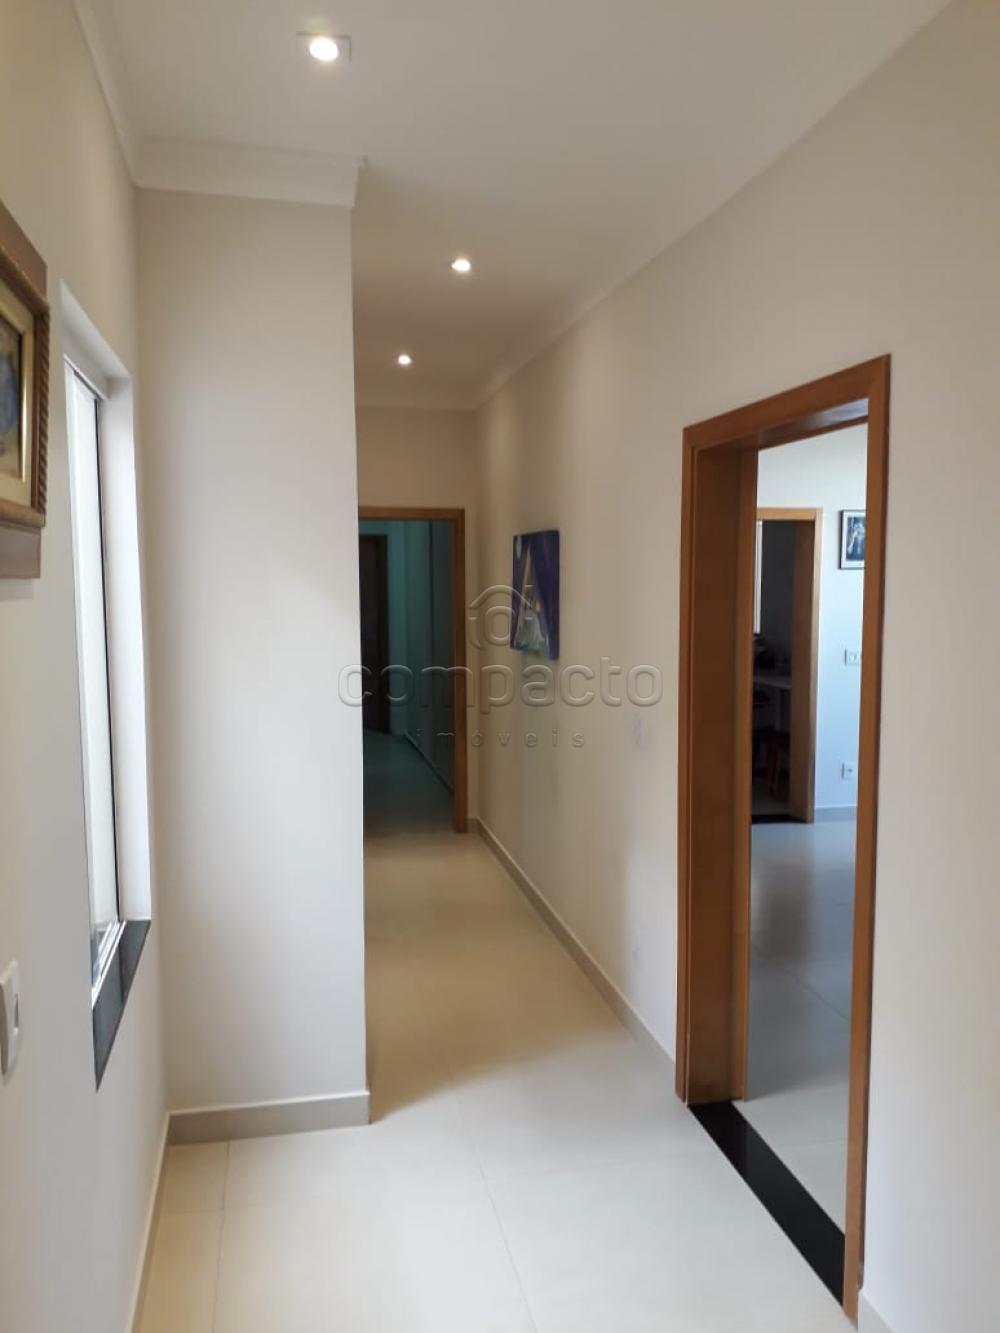 Comprar Casa / Condomínio em Mirassol apenas R$ 650.000,00 - Foto 9